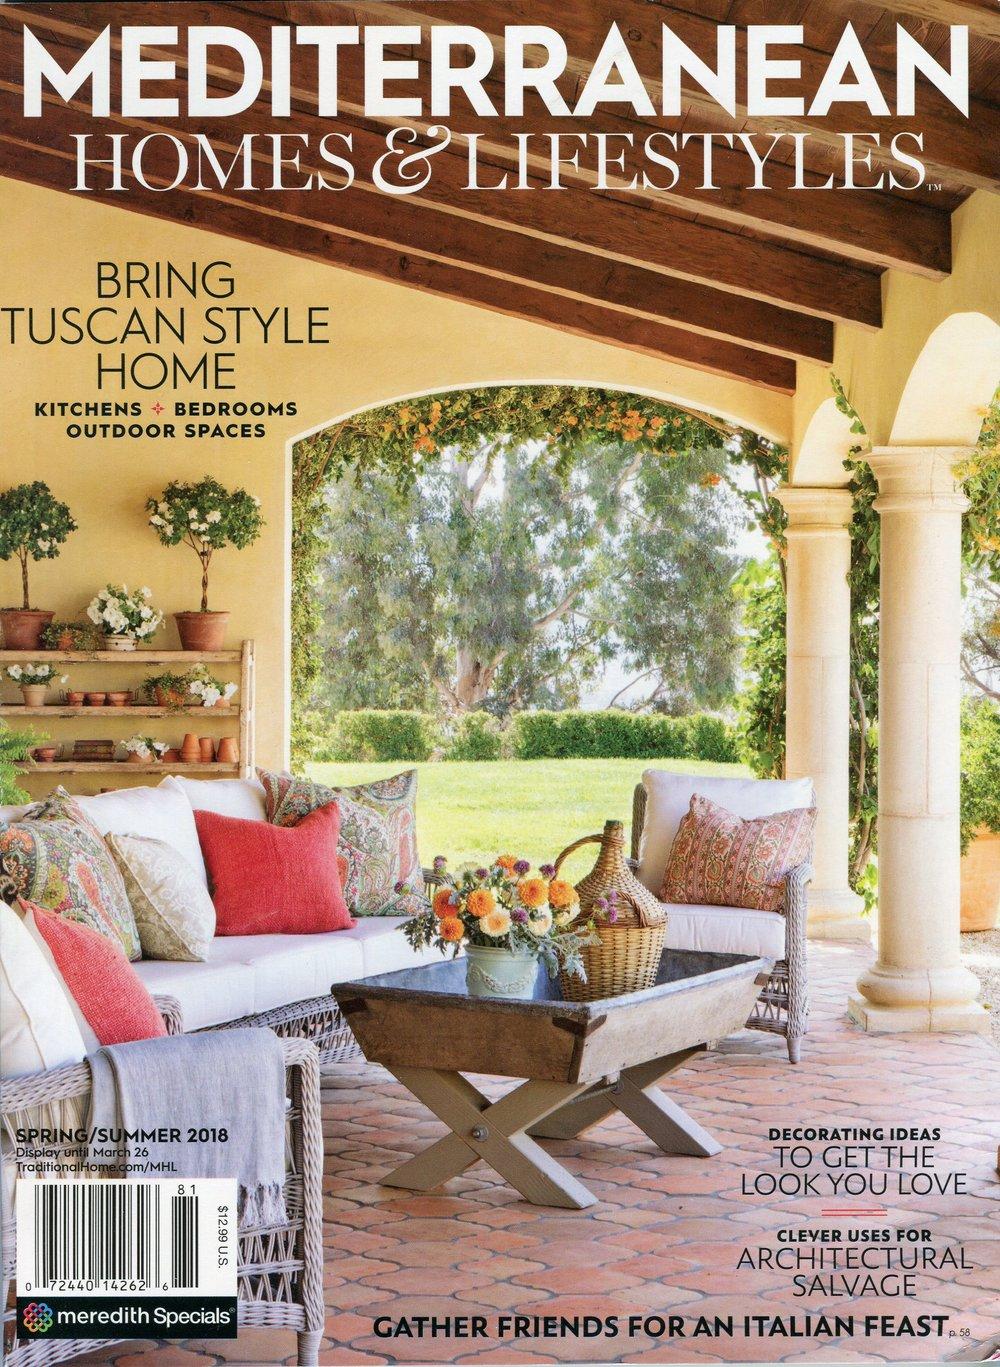 Mediterranean Home & Lifestyles